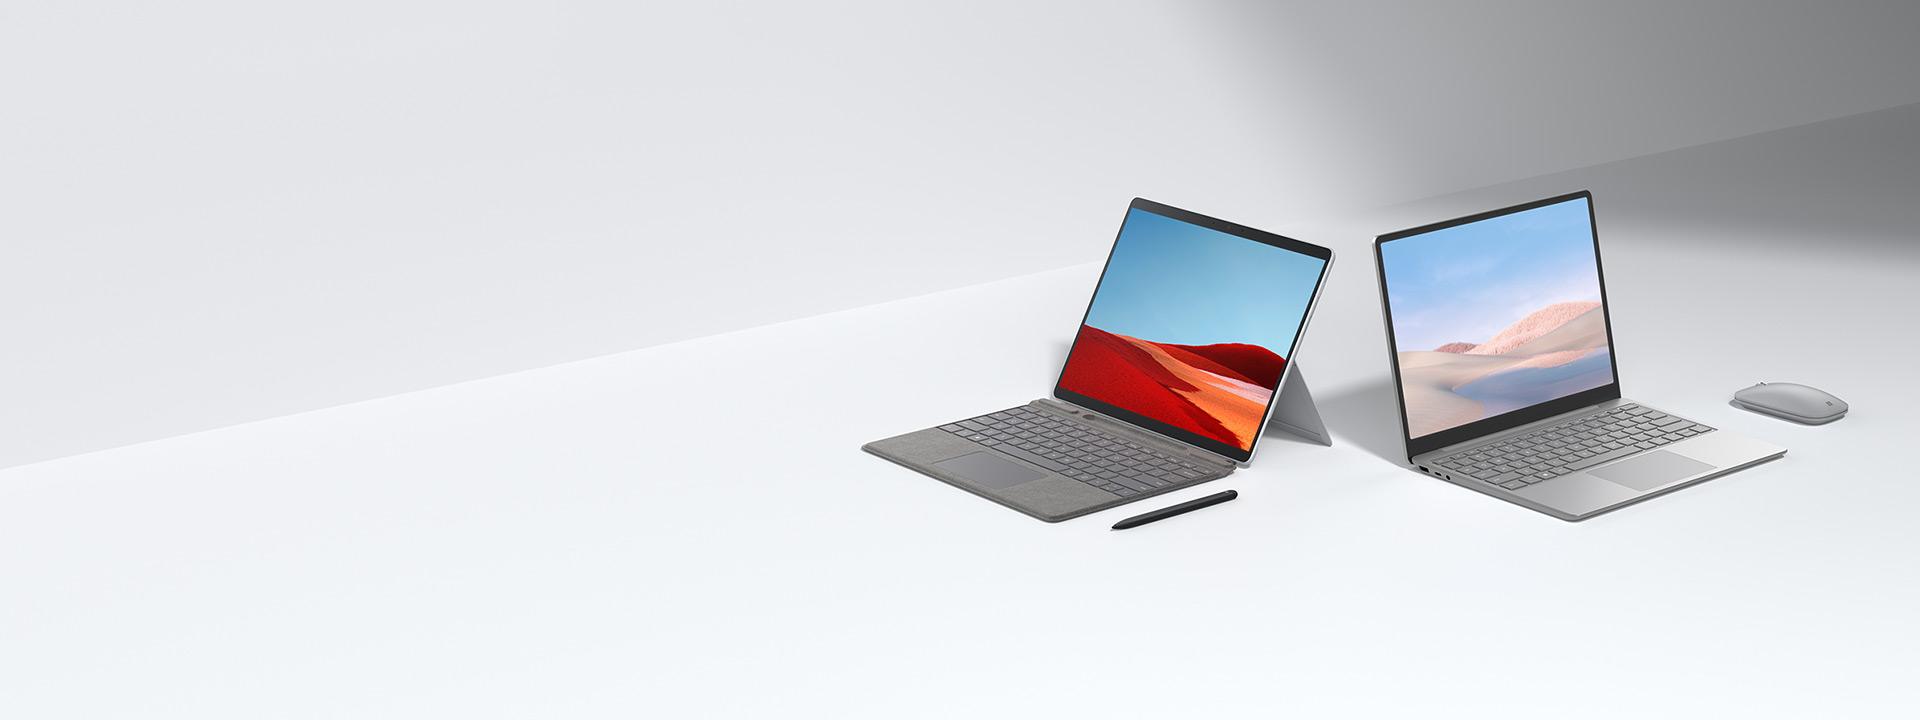 عائلة أجهزة Surface الجديدة